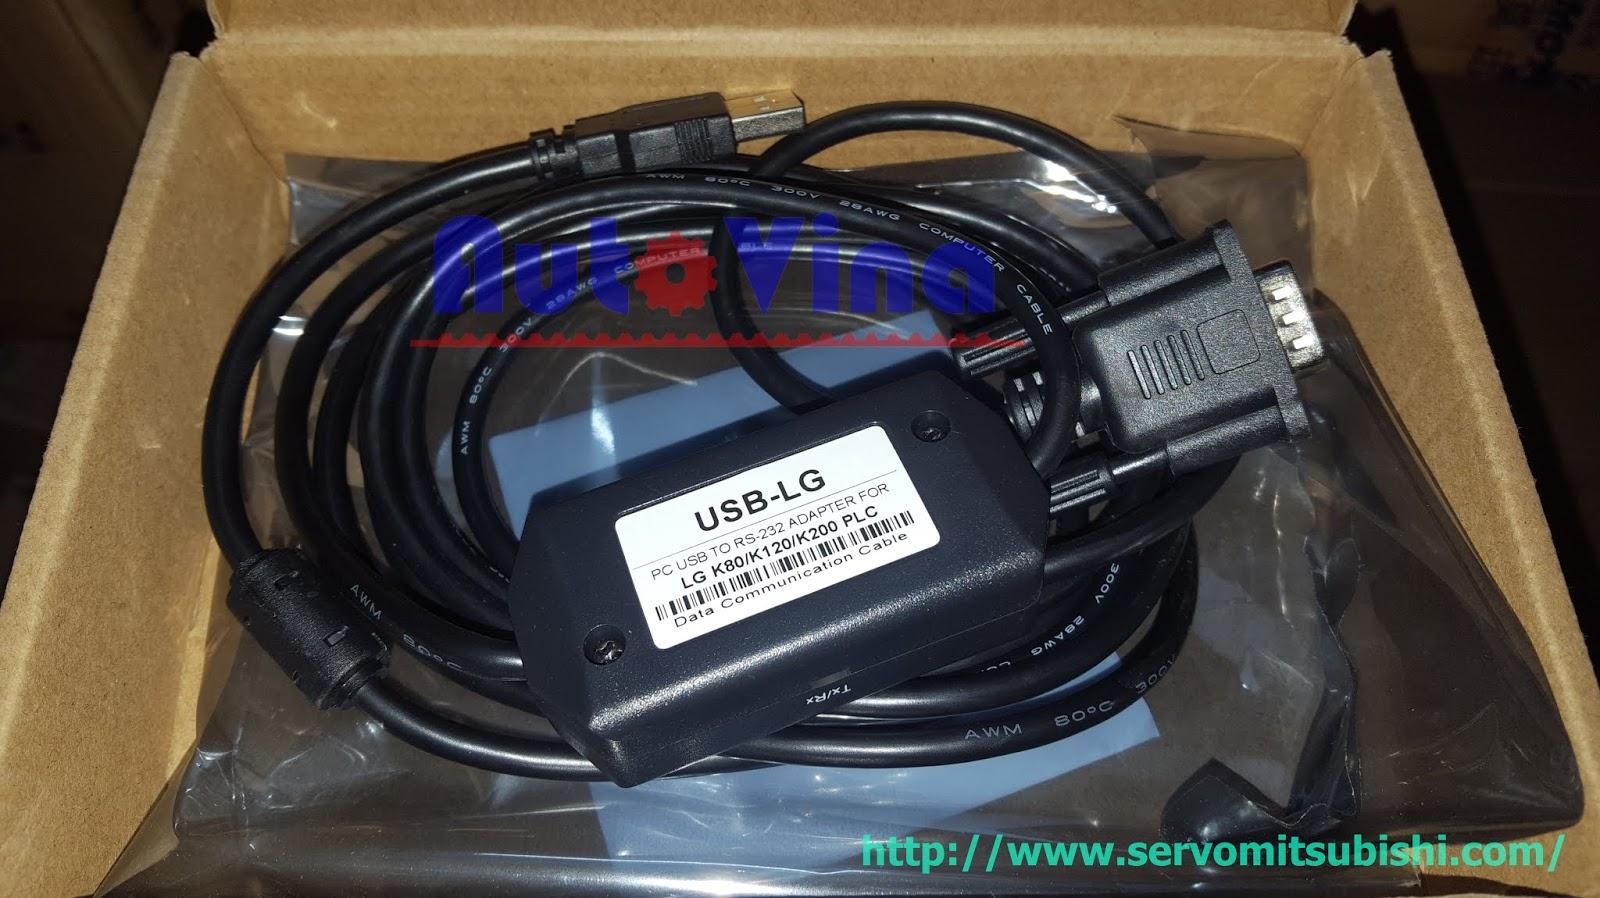 USB-LG cable PLC LG Master K80, K120, K200